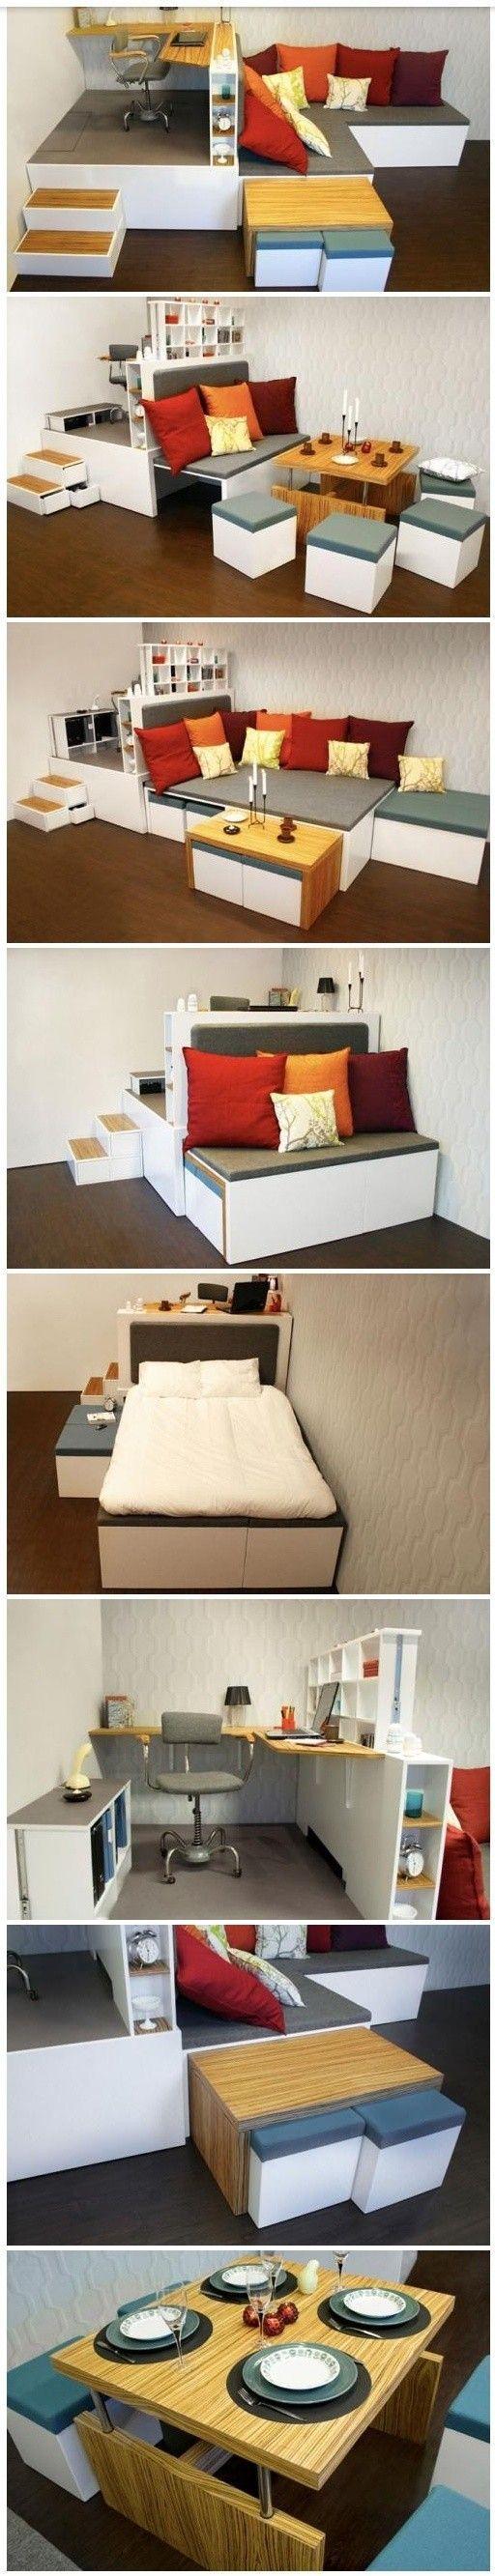 kartu atraskime elegantikus sprendimus siekiant nedidel patalp paversti ir labai stilinga